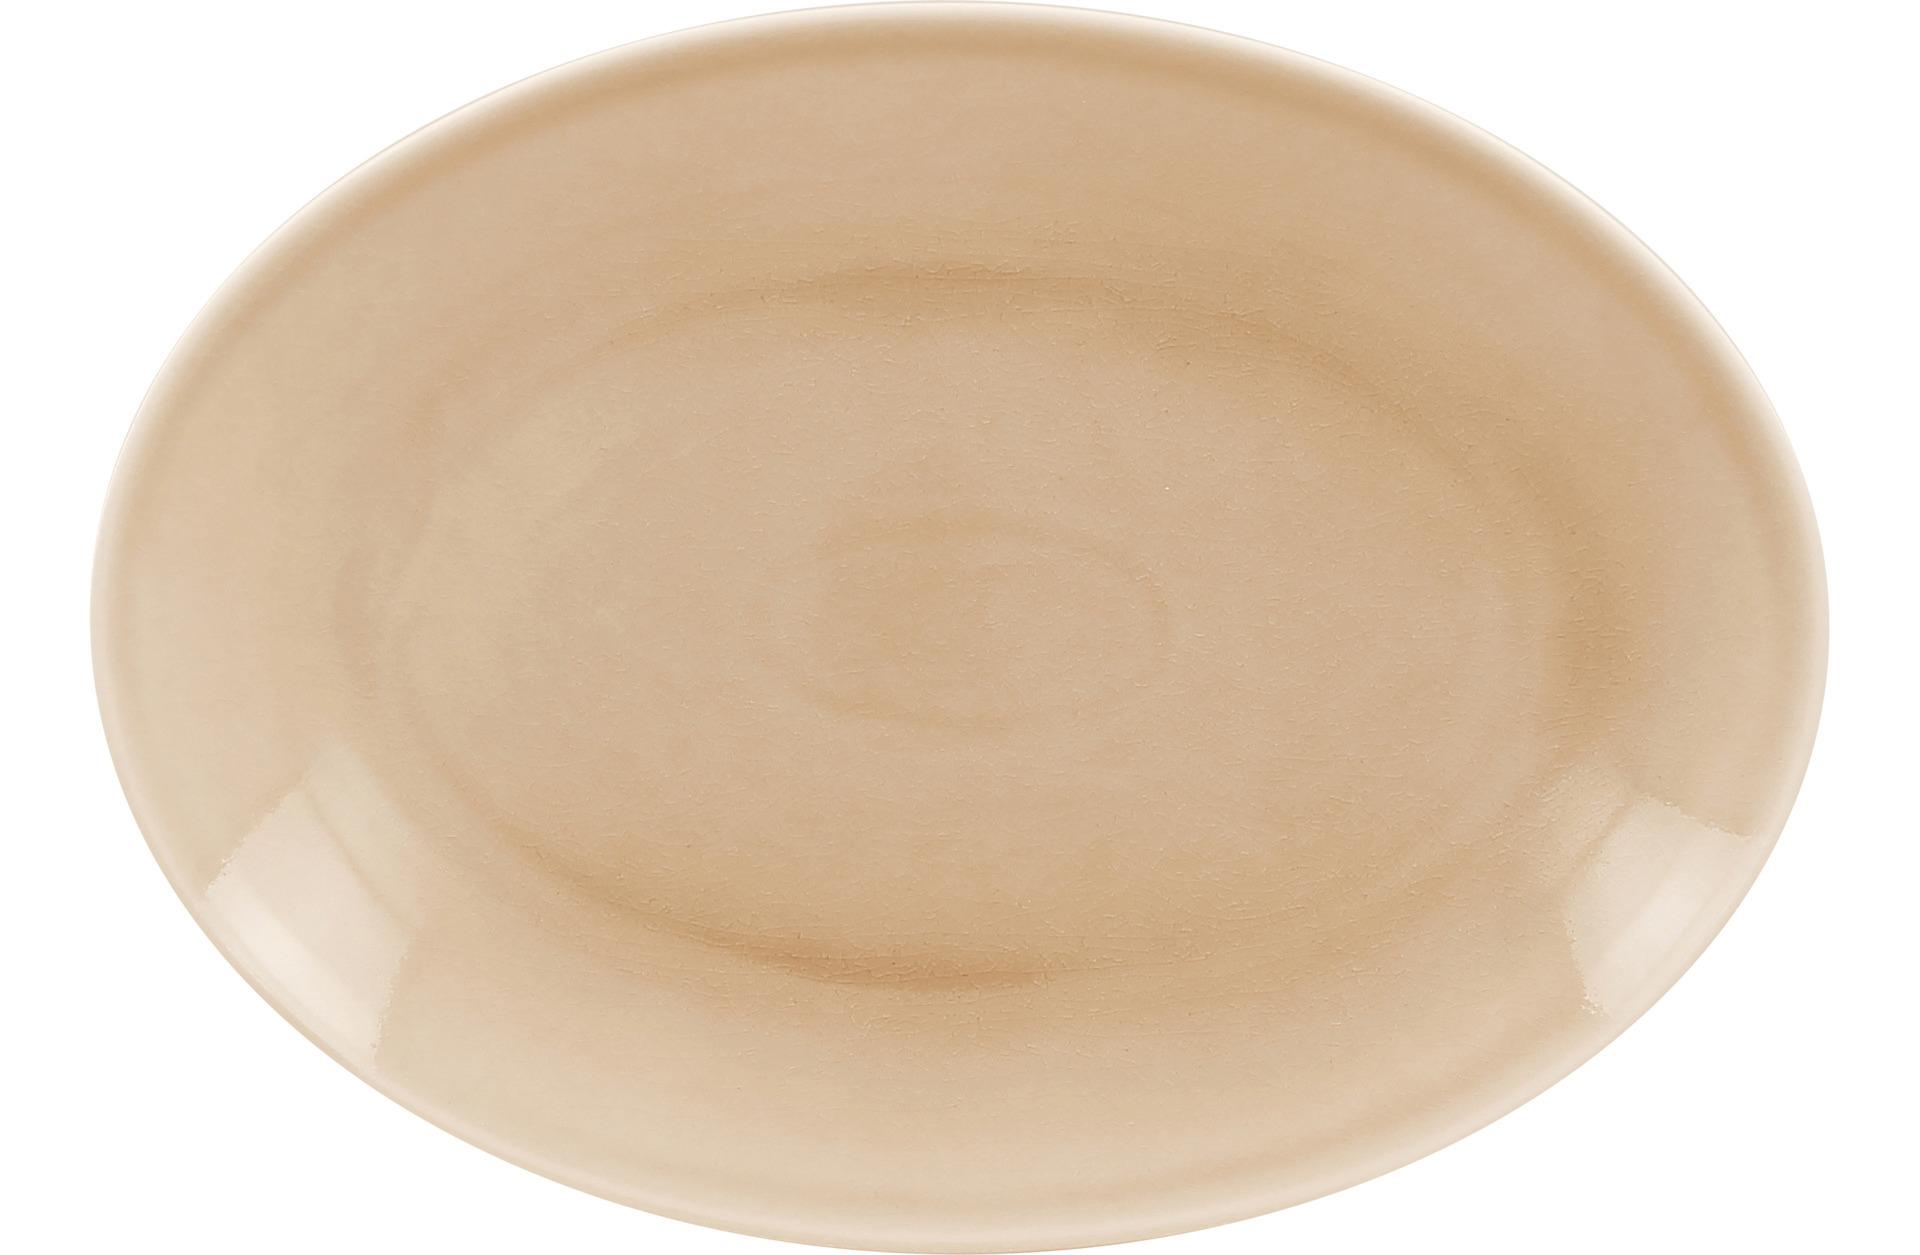 Platte oval 320 x 230 mm beige